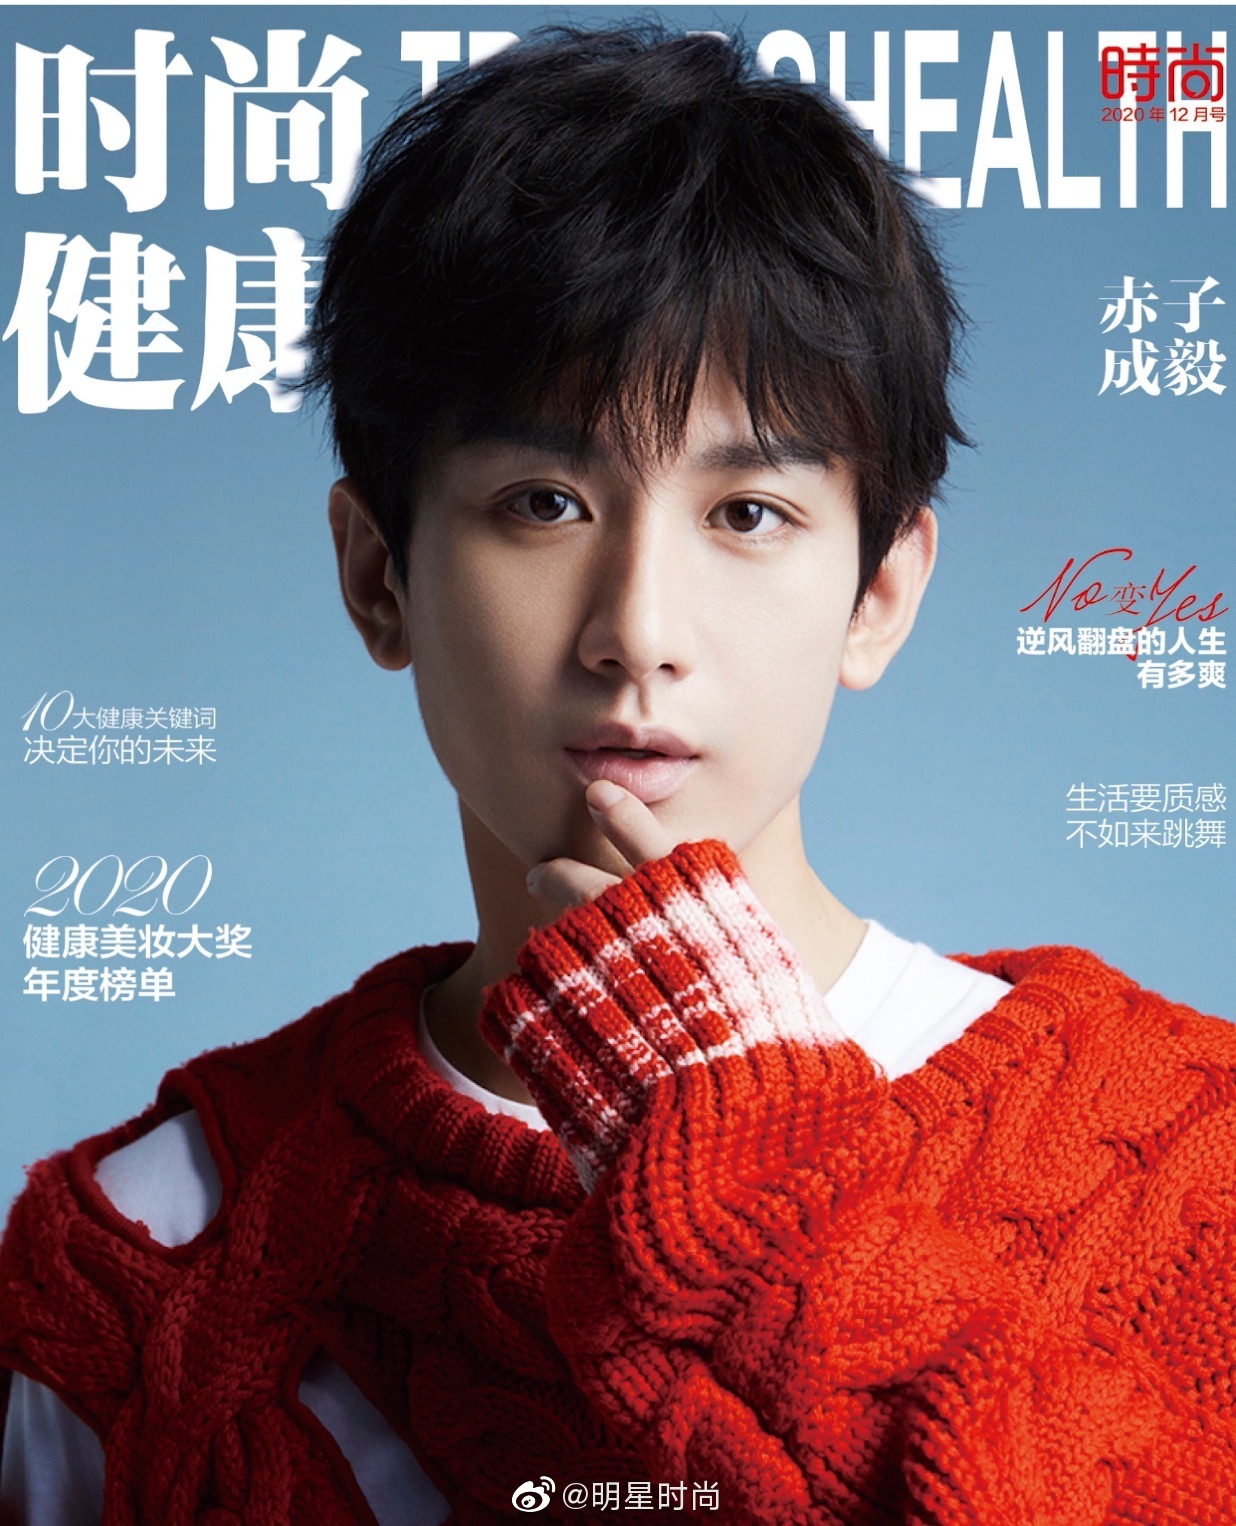 成毅时尚健康封面预告发布,着镂空红毛衣特写镜头,冷光色调显质感